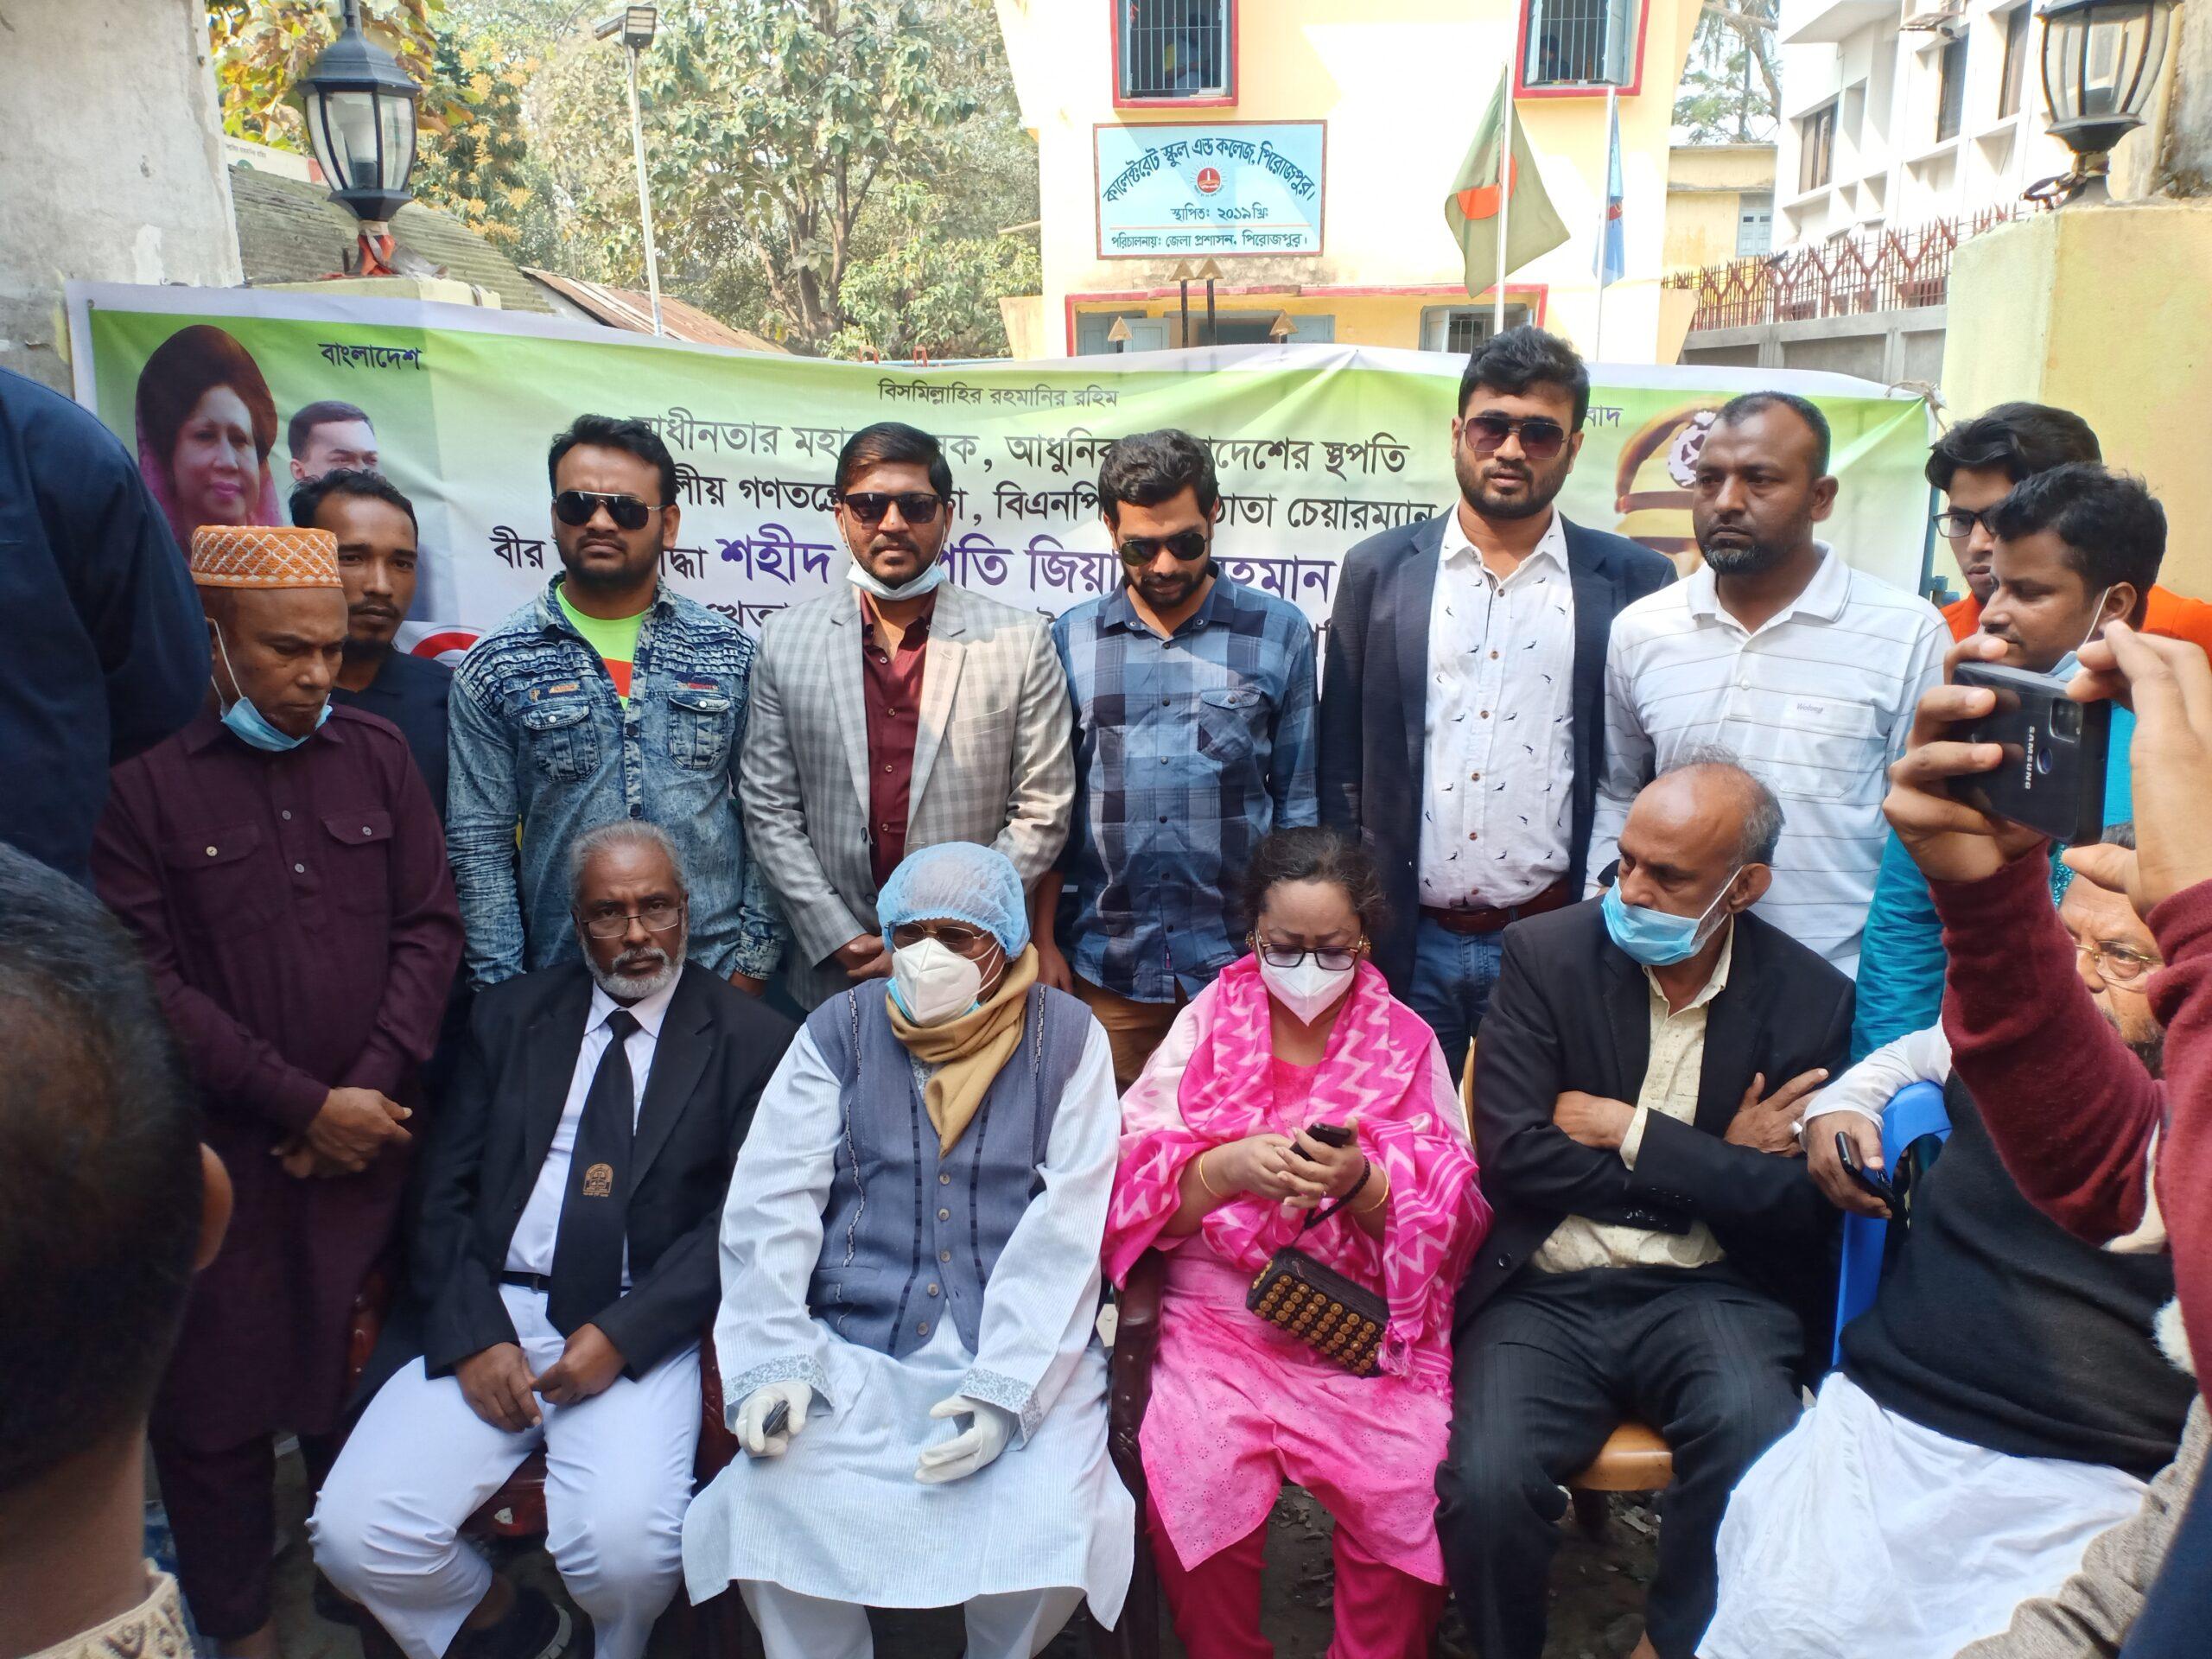 জিয়াউর রহমানের রাষ্ট্রীয় খেতাব বাতিলের সিদ্ধান্তের প্রতিবাদে পিরোজপুরে বিক্ষোভ সমাবেশ